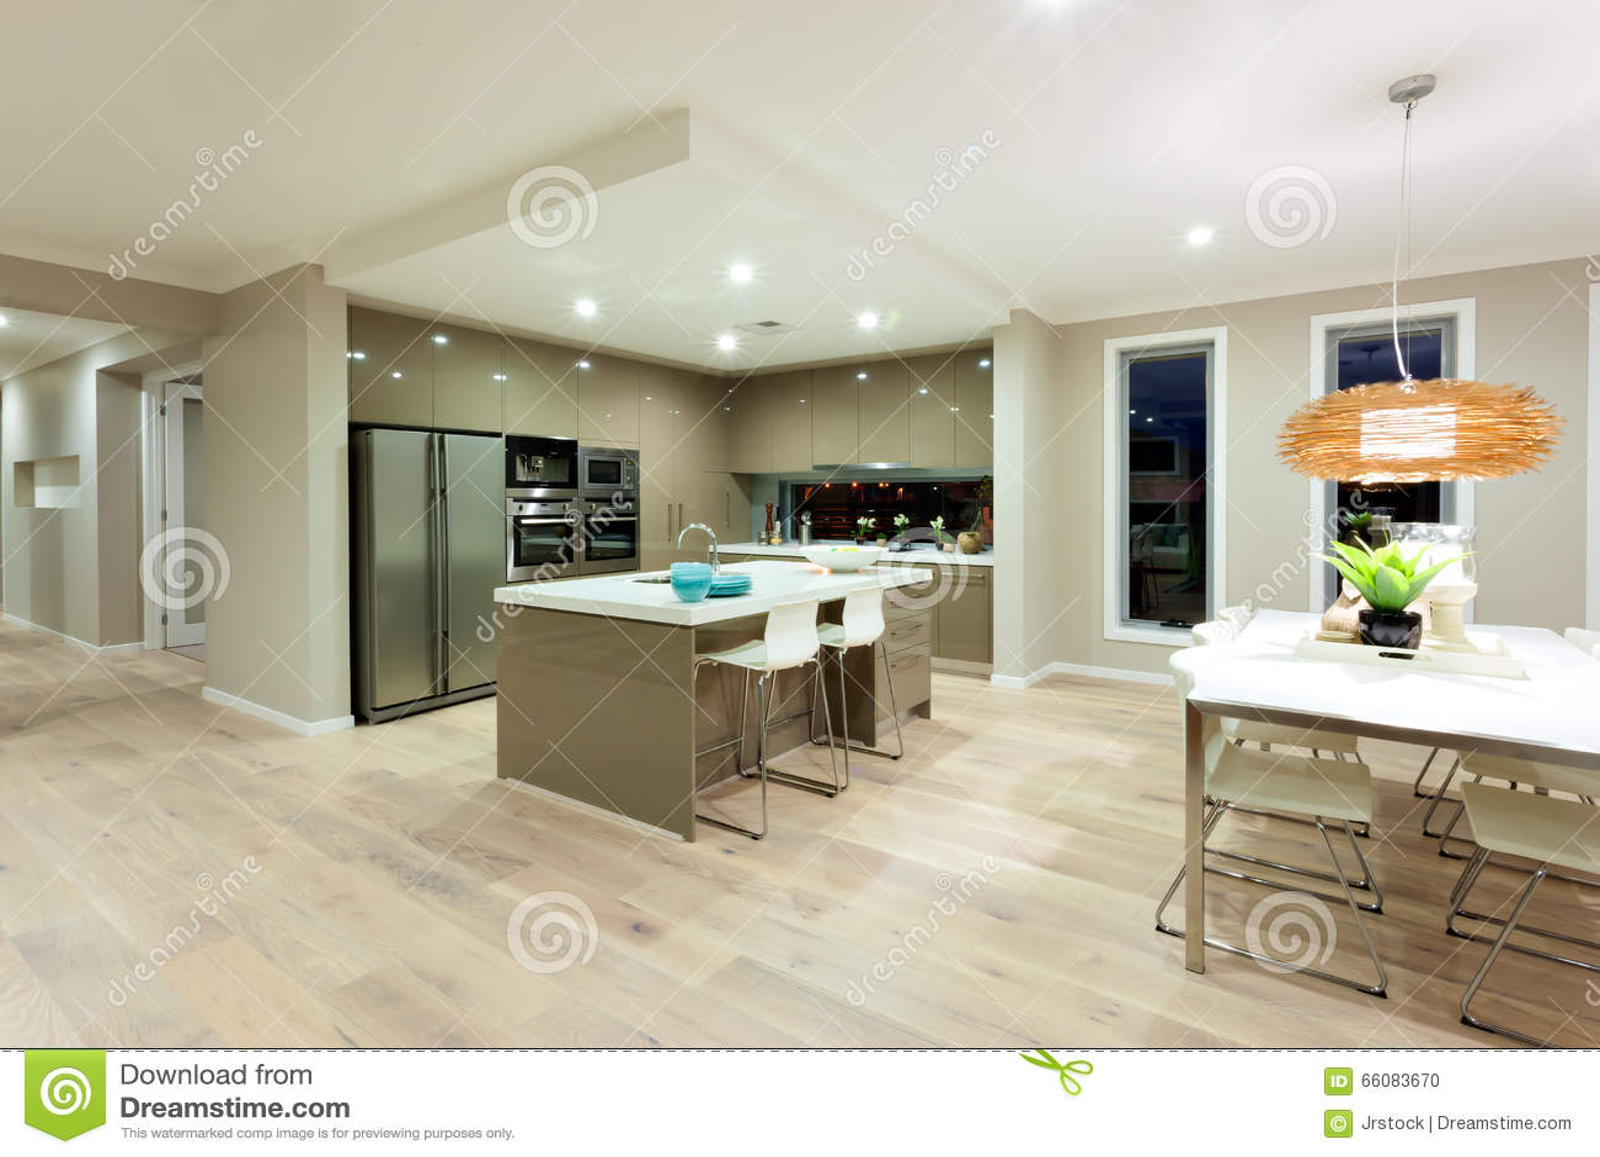 Cozinha Moderna E Opini O Interior Dinning Da Rea De Uma Casa